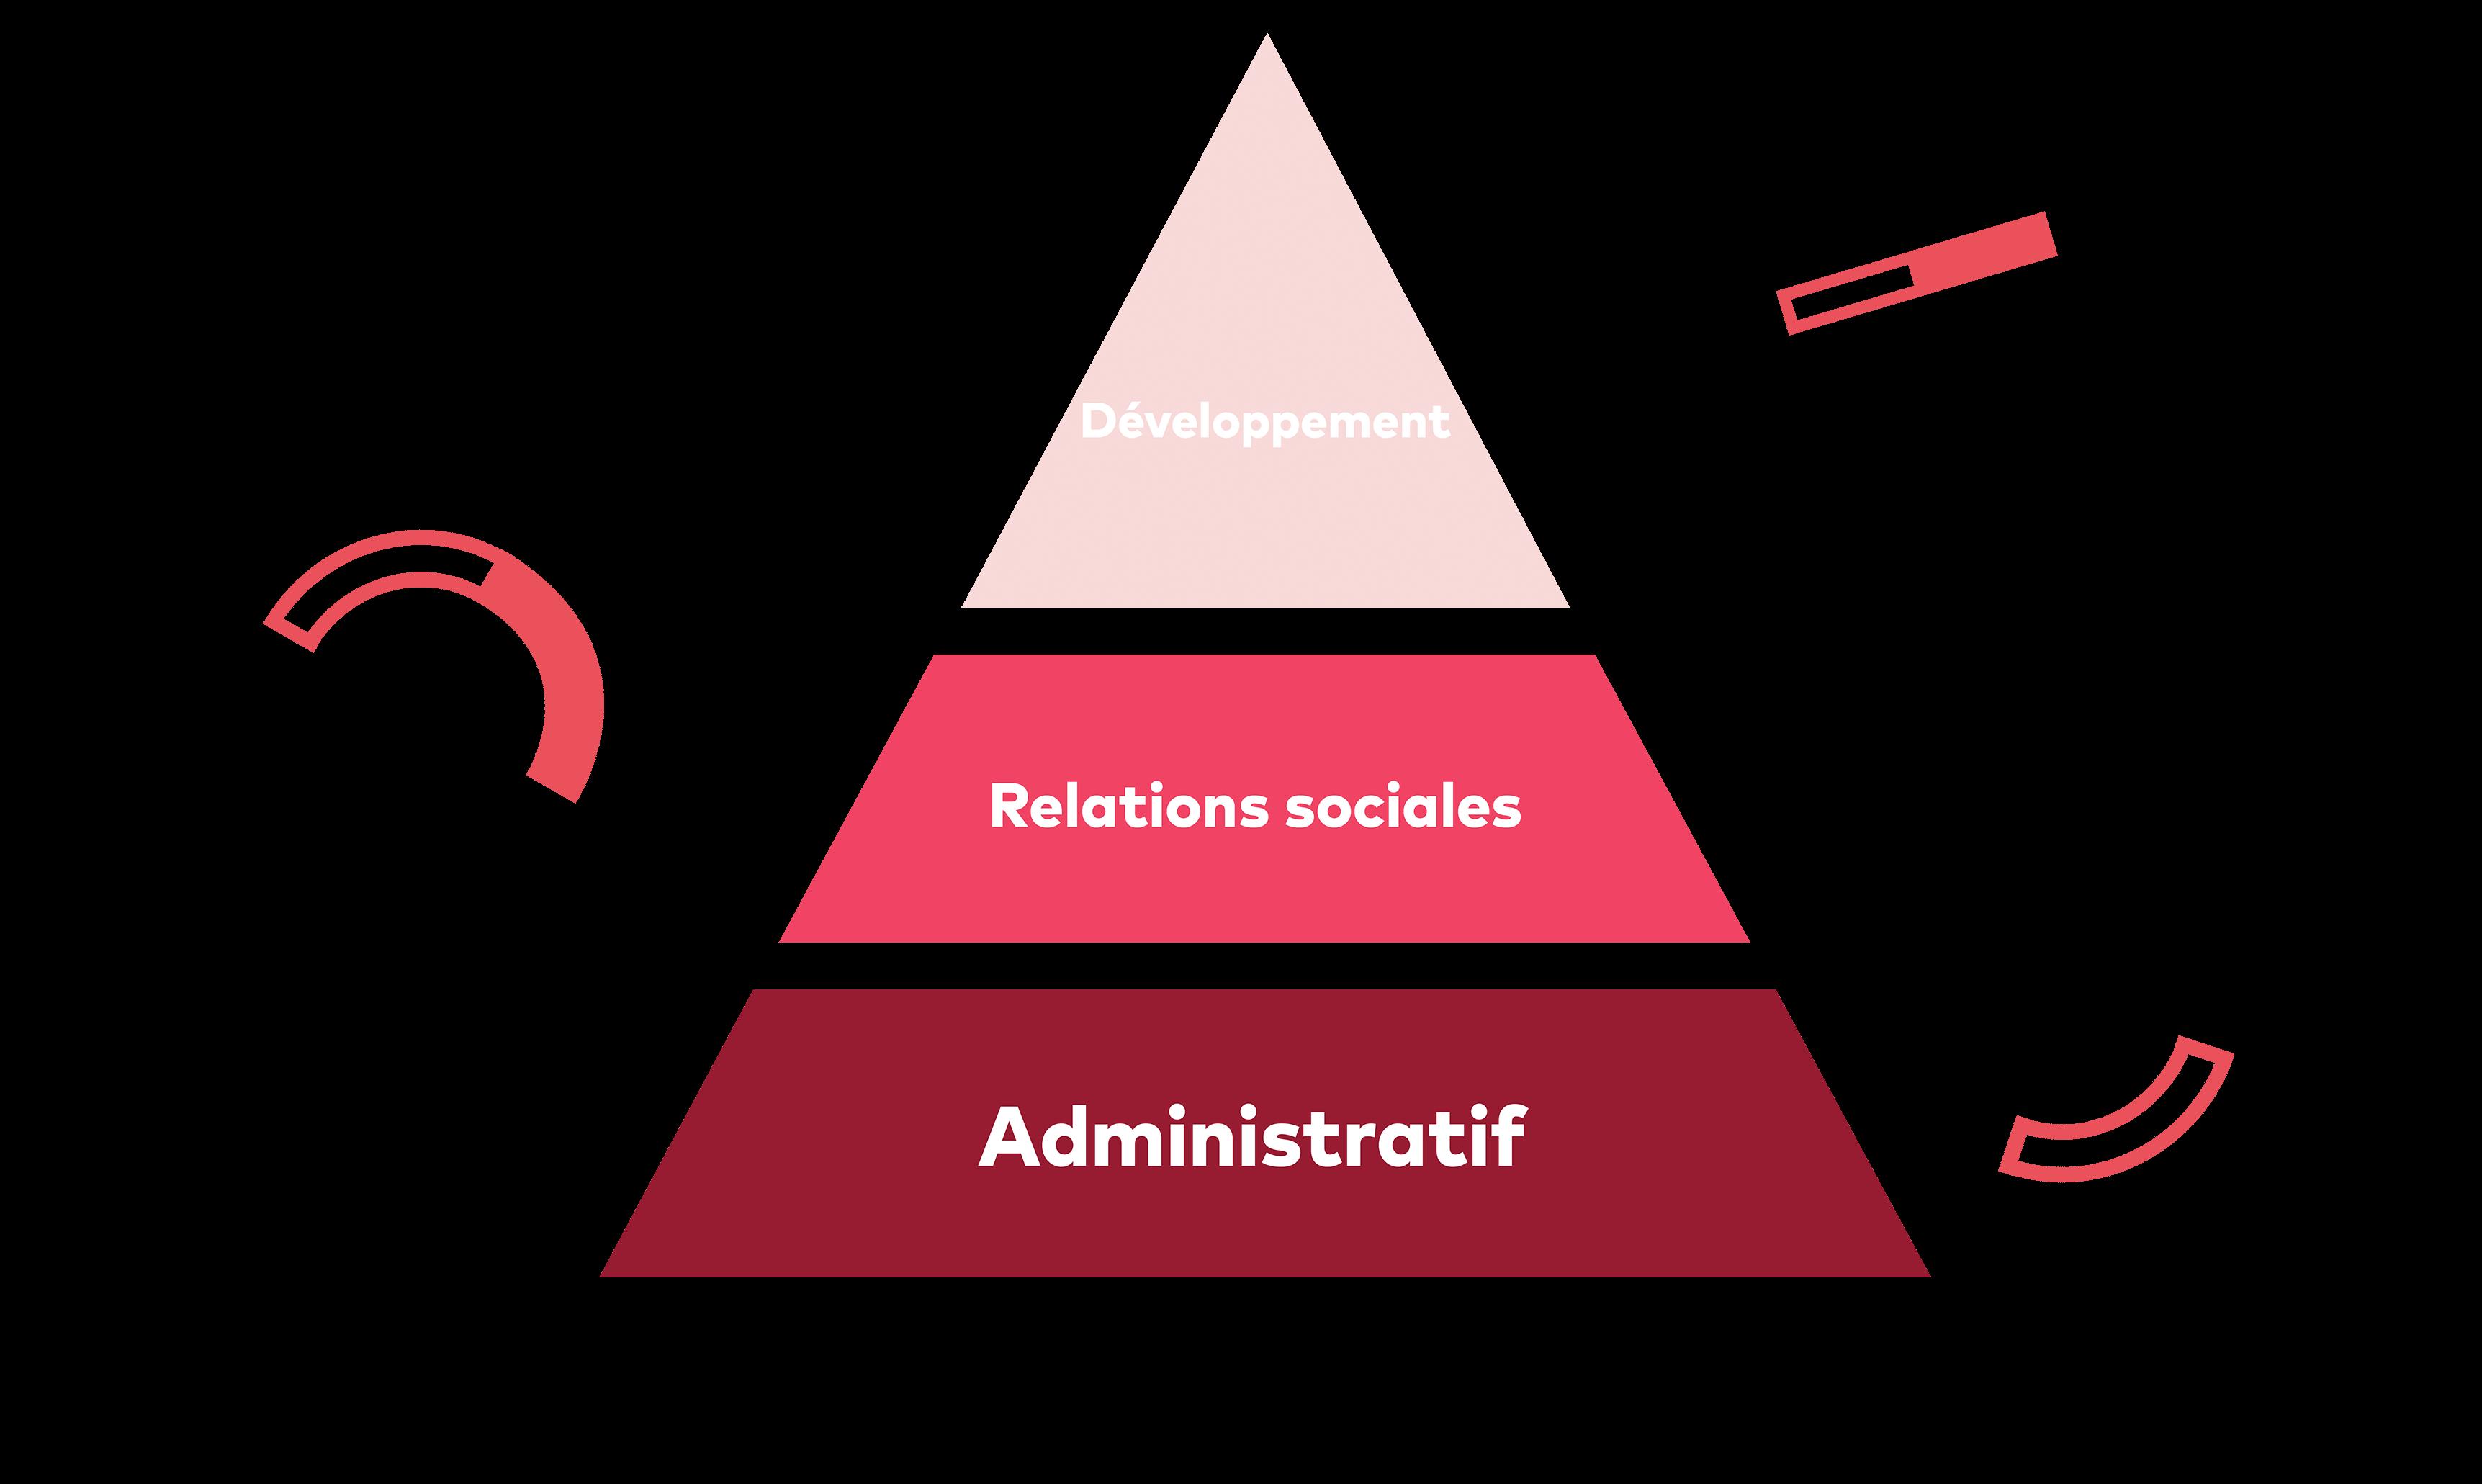 Schéma des 3 briques de la RH : le développement, les relations sociales et l'administratif